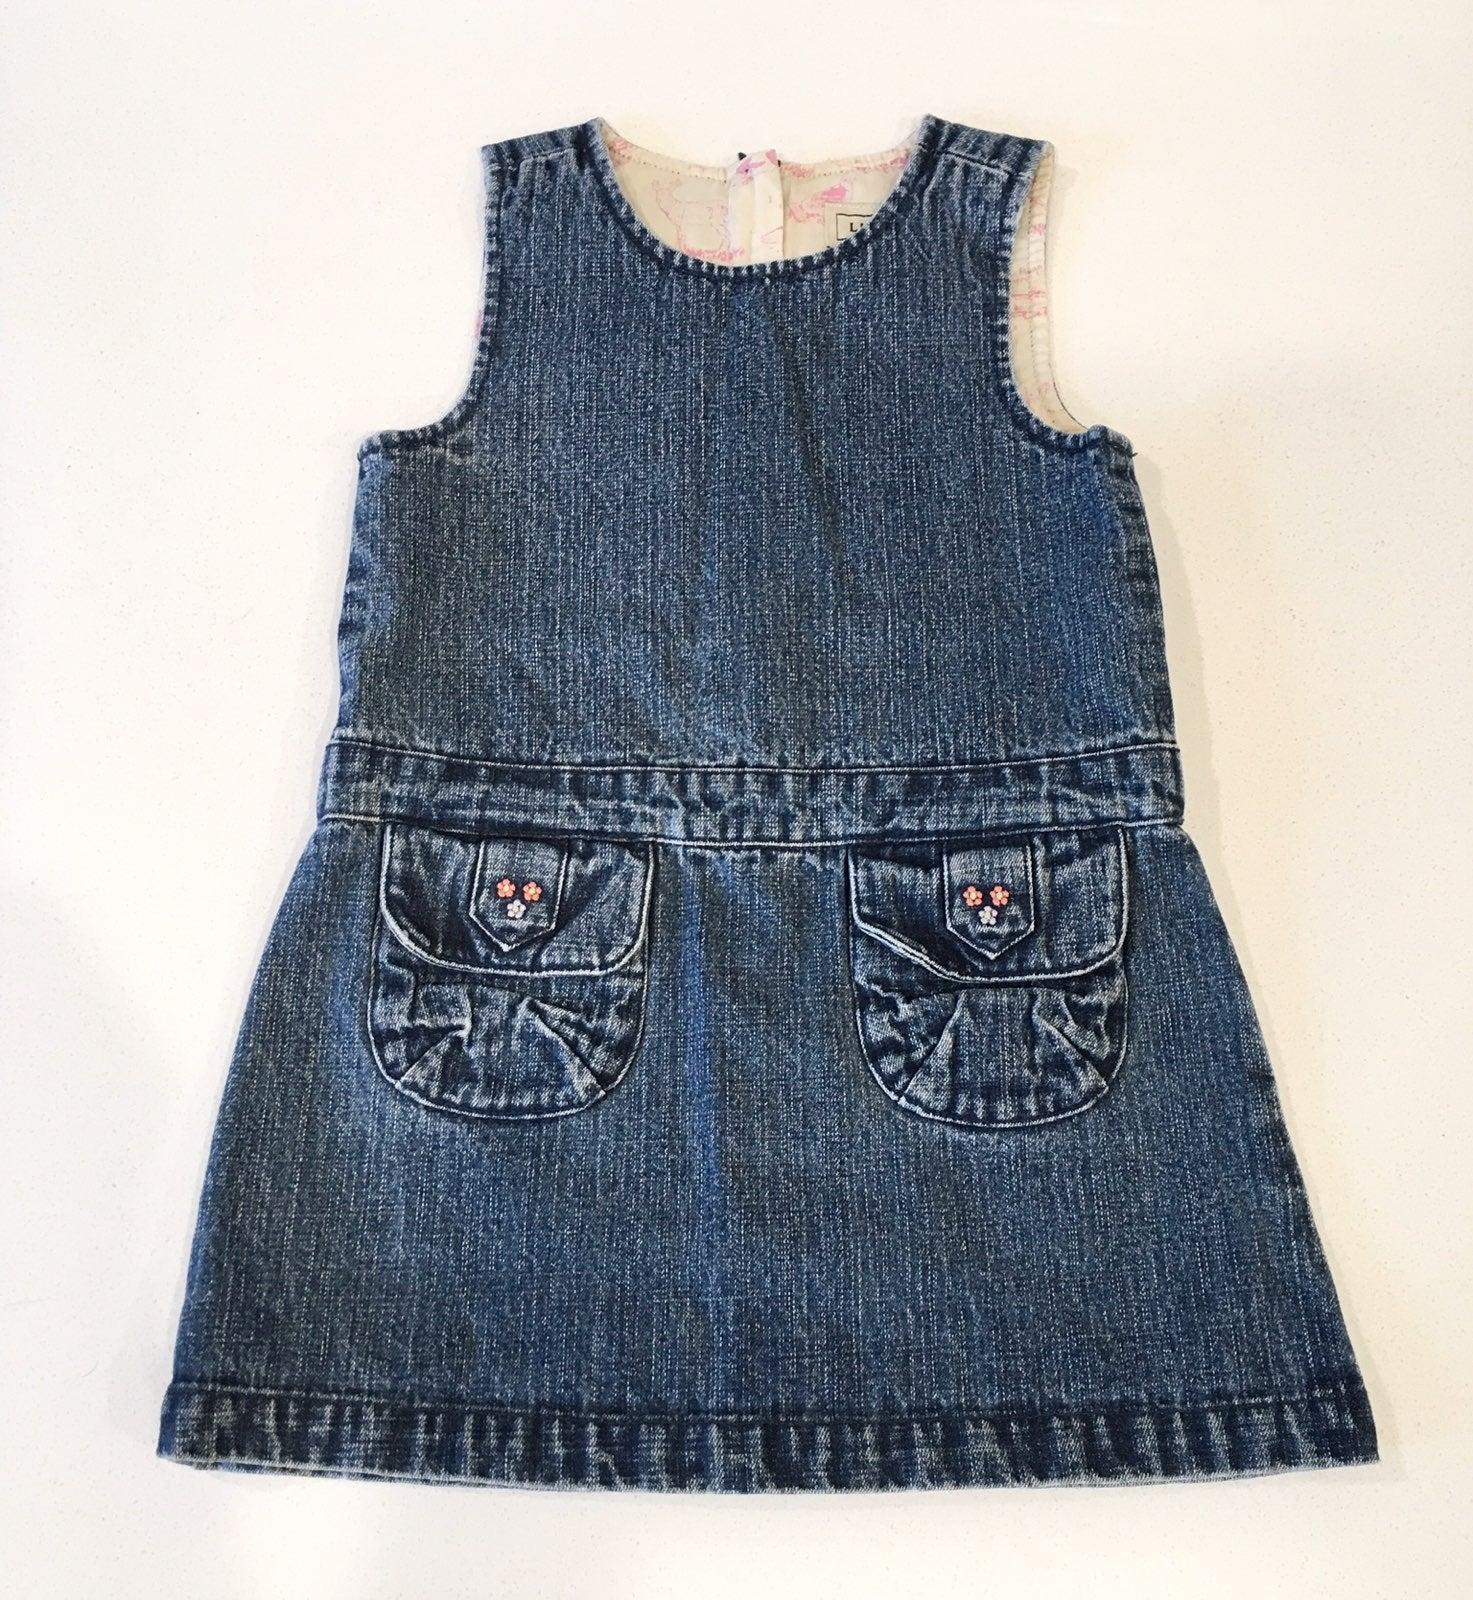 LL Bean Denim Jumper Dress, 2T